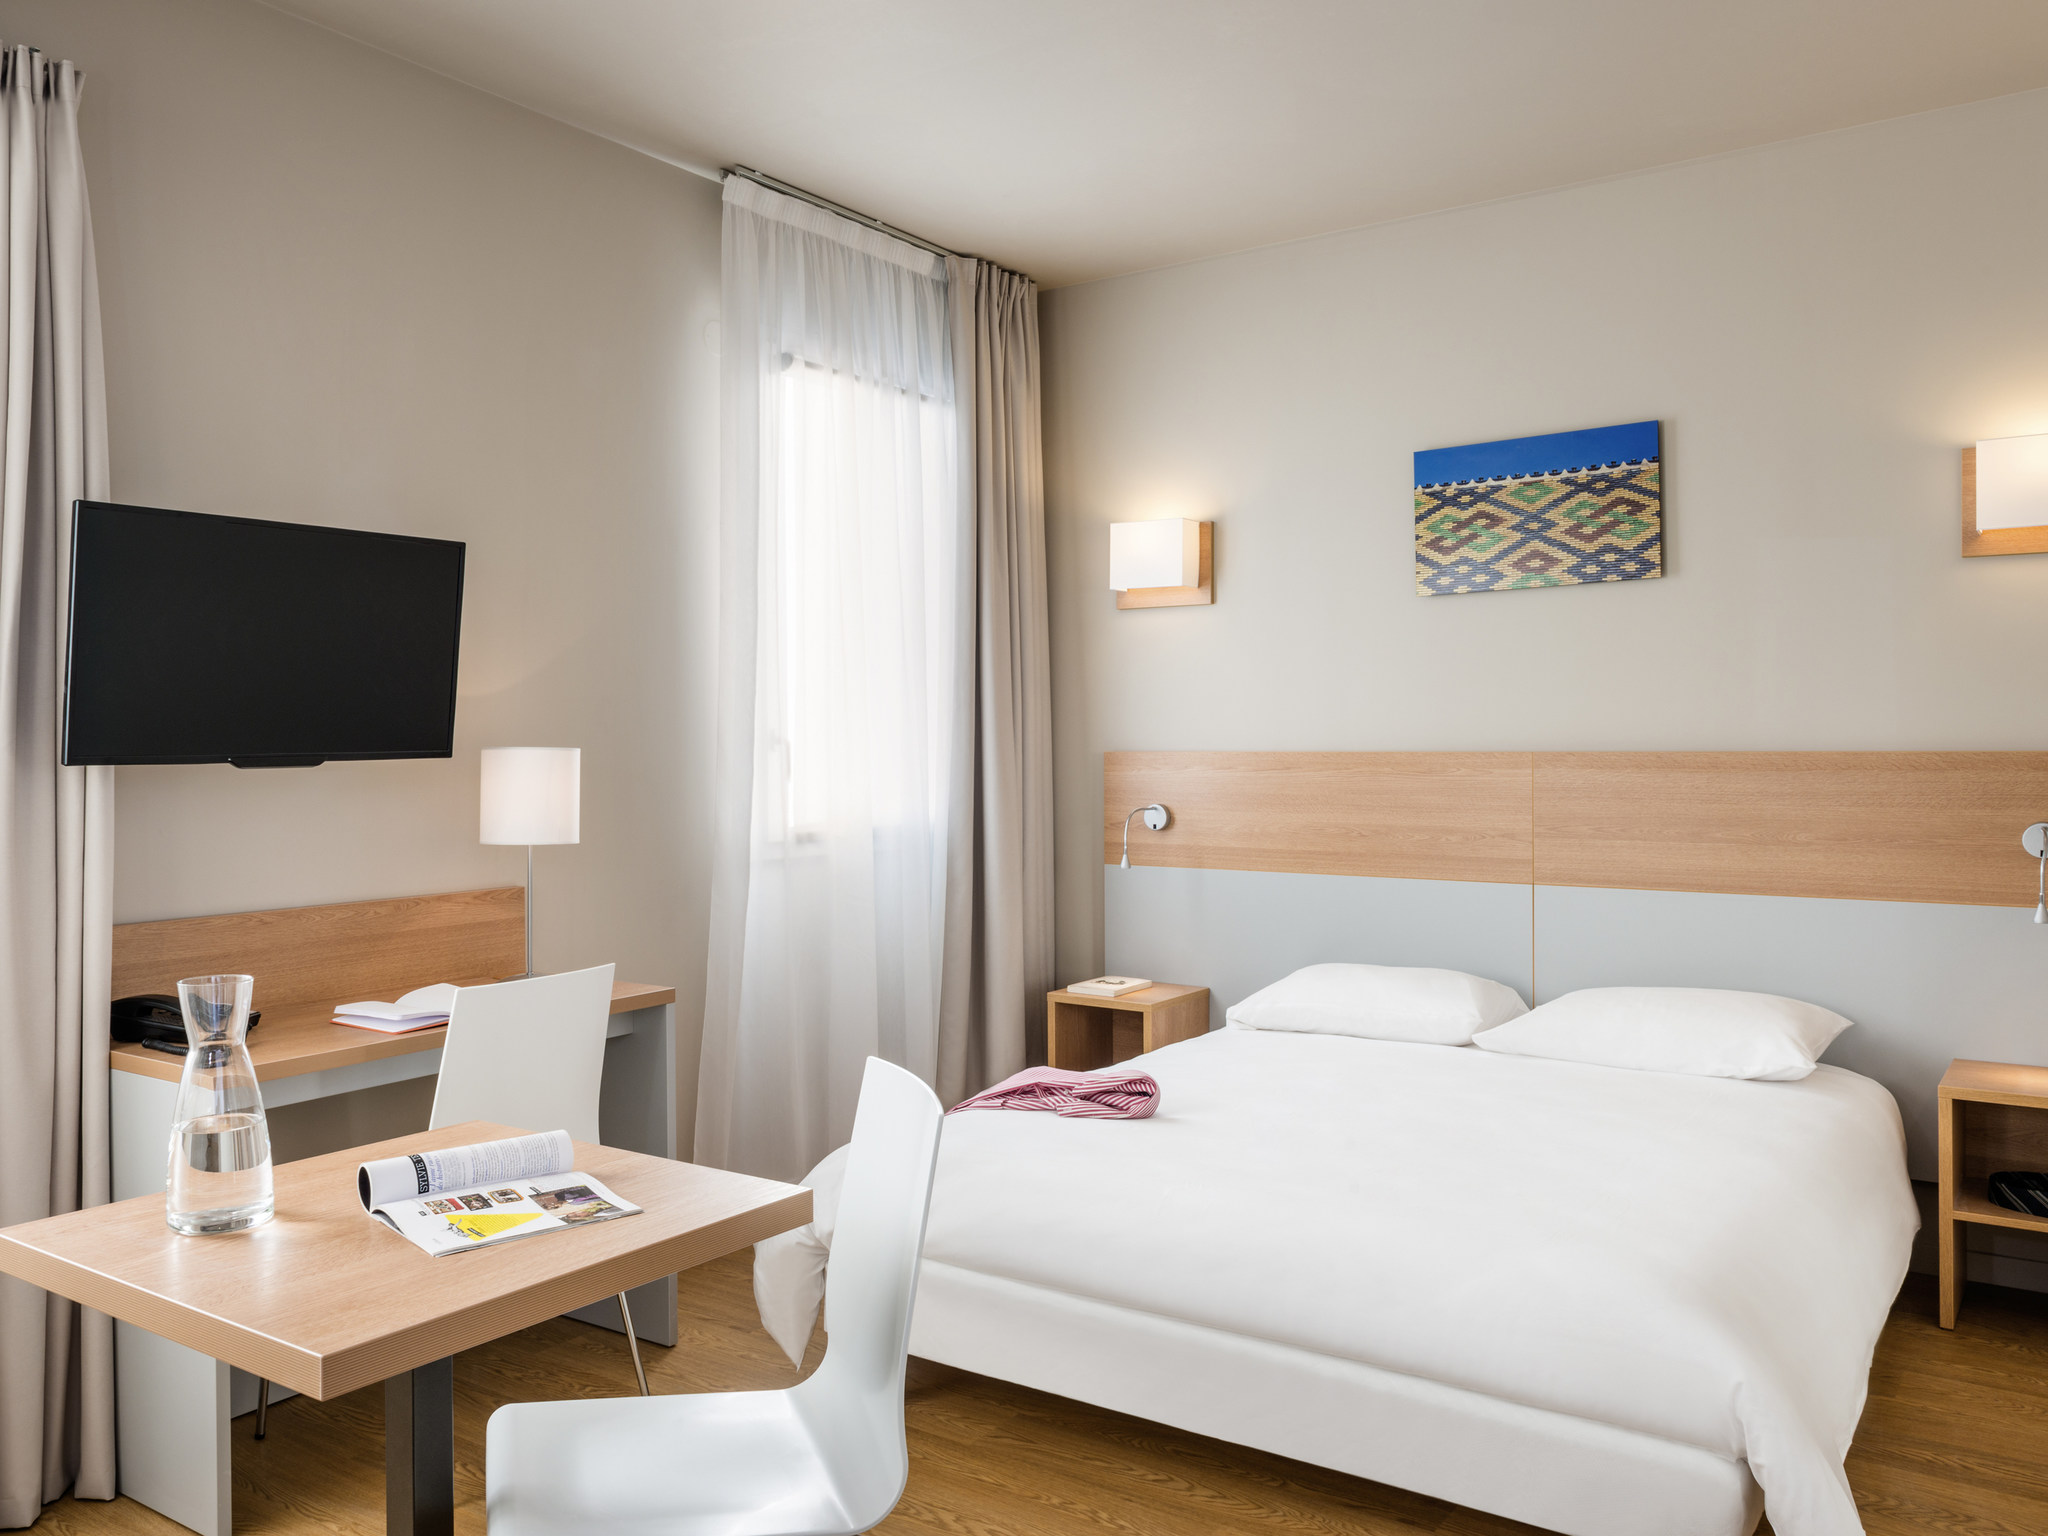 酒店 – 阿德吉奥阿克瑟斯第戎共和国酒店